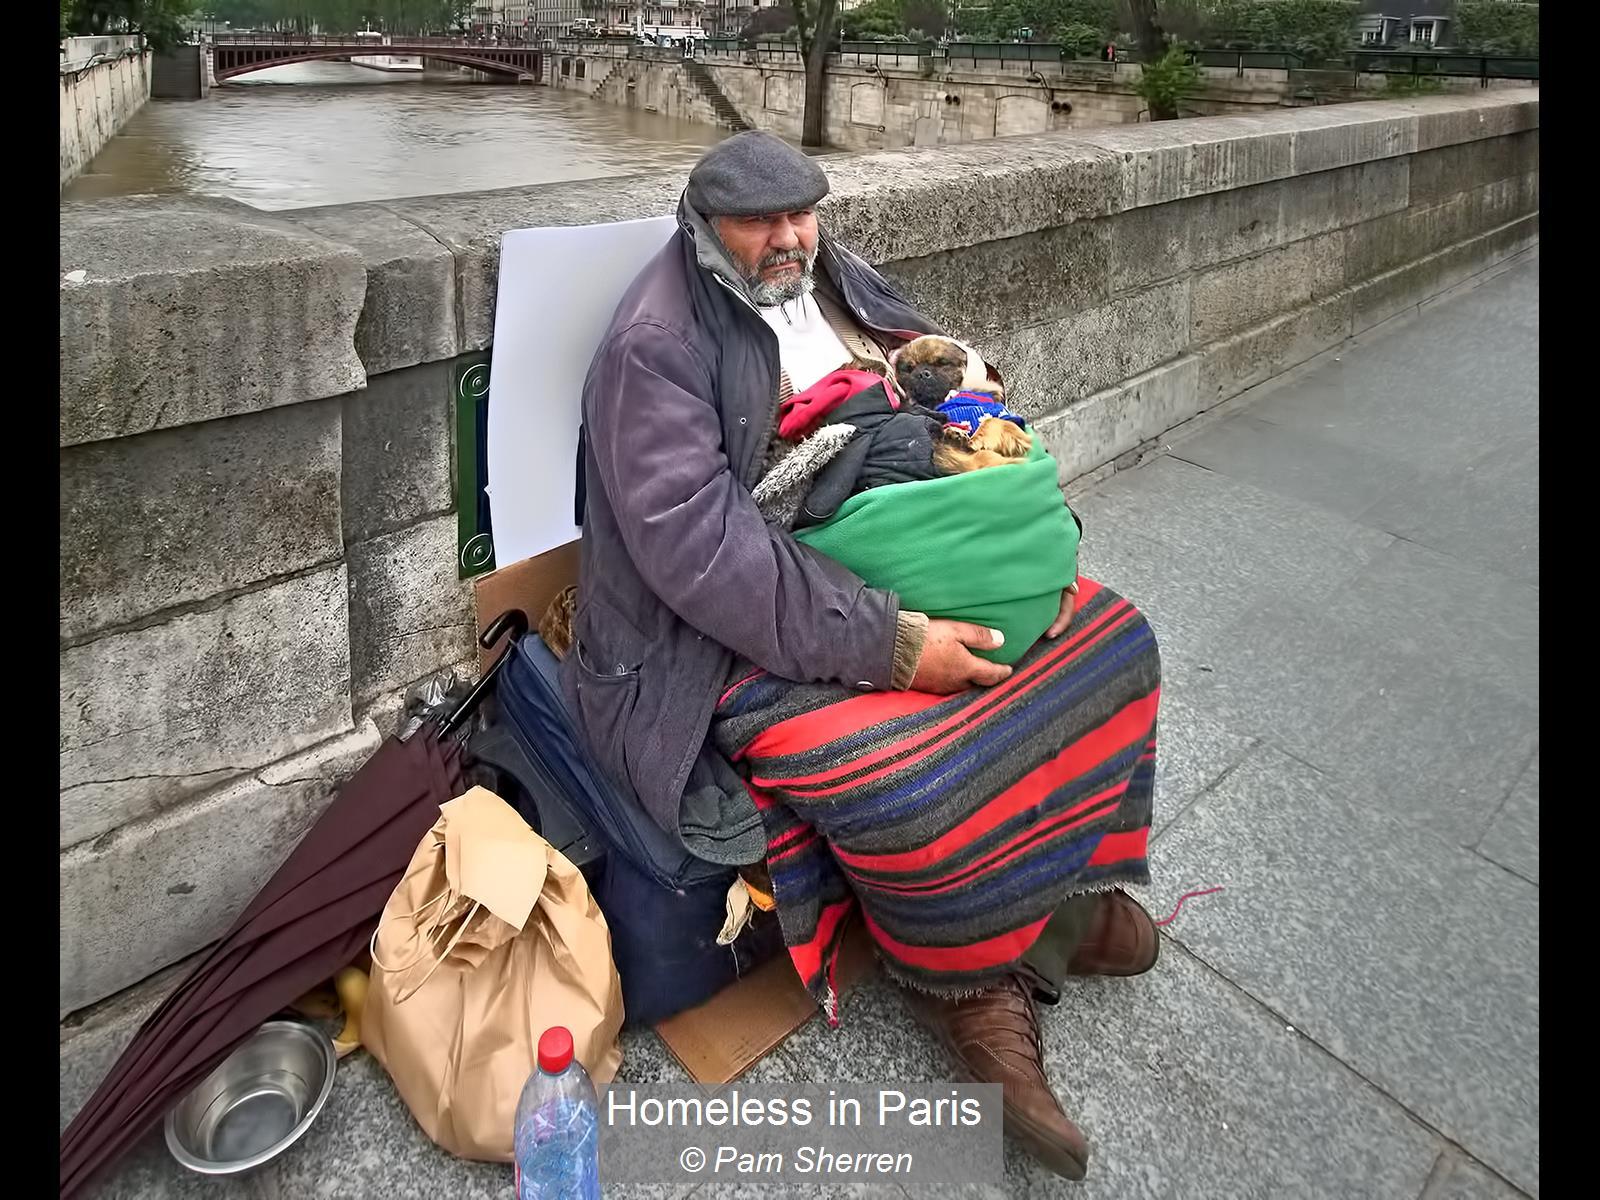 Pam Sherren_Homeless in Paris_None